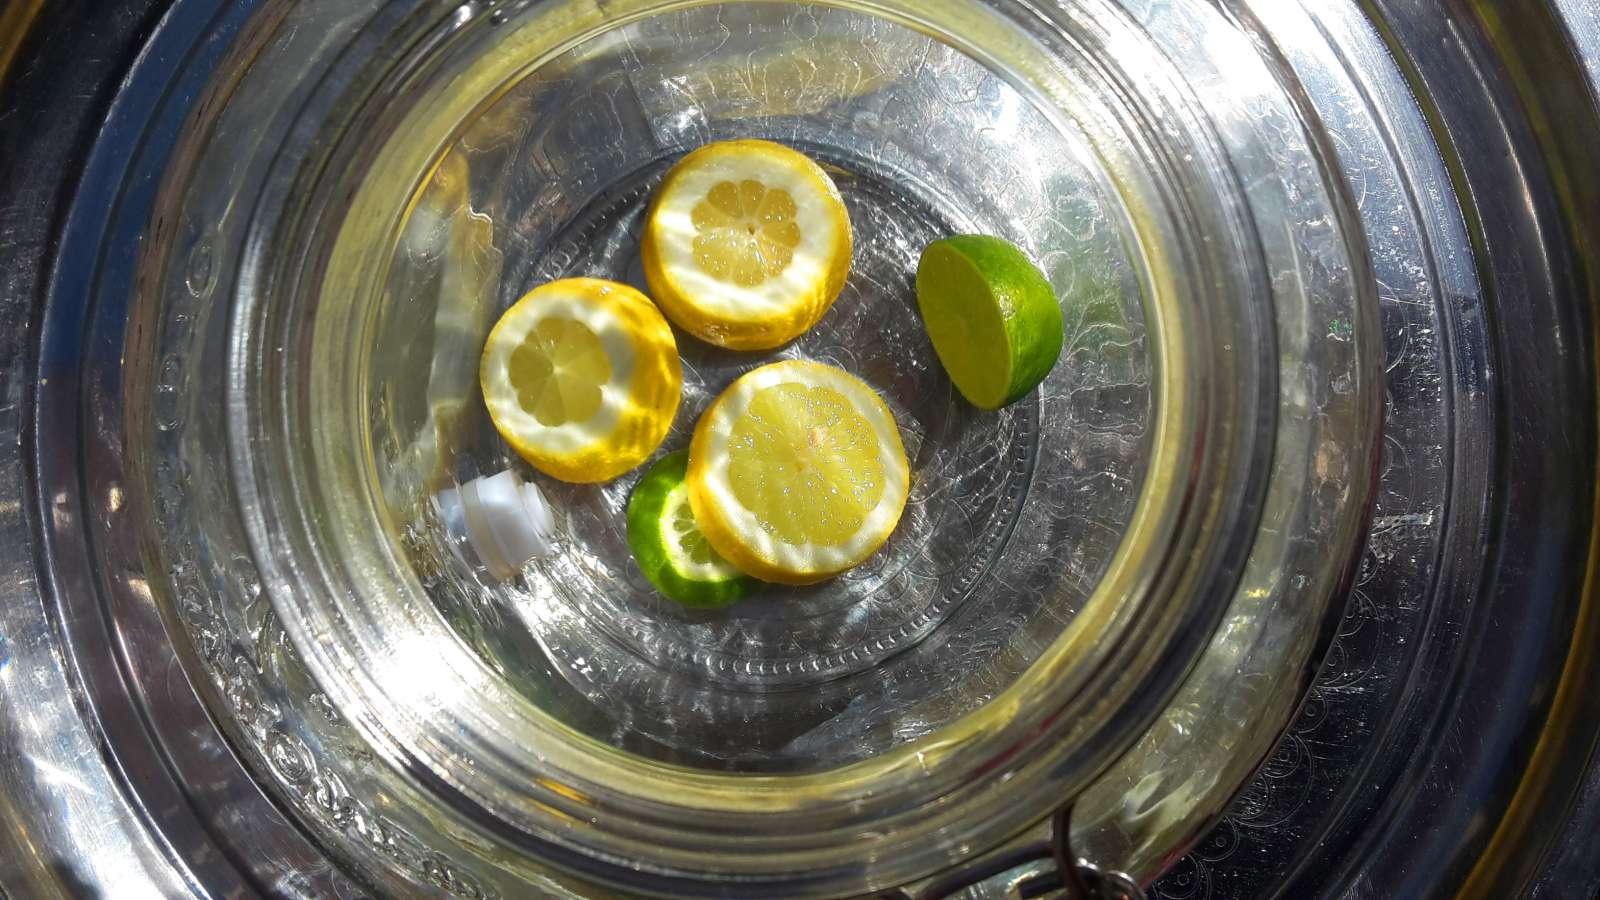 schön von der Sonne beschienene Zitronen und Limetten im Hinterhof der Superbude St. Pauli